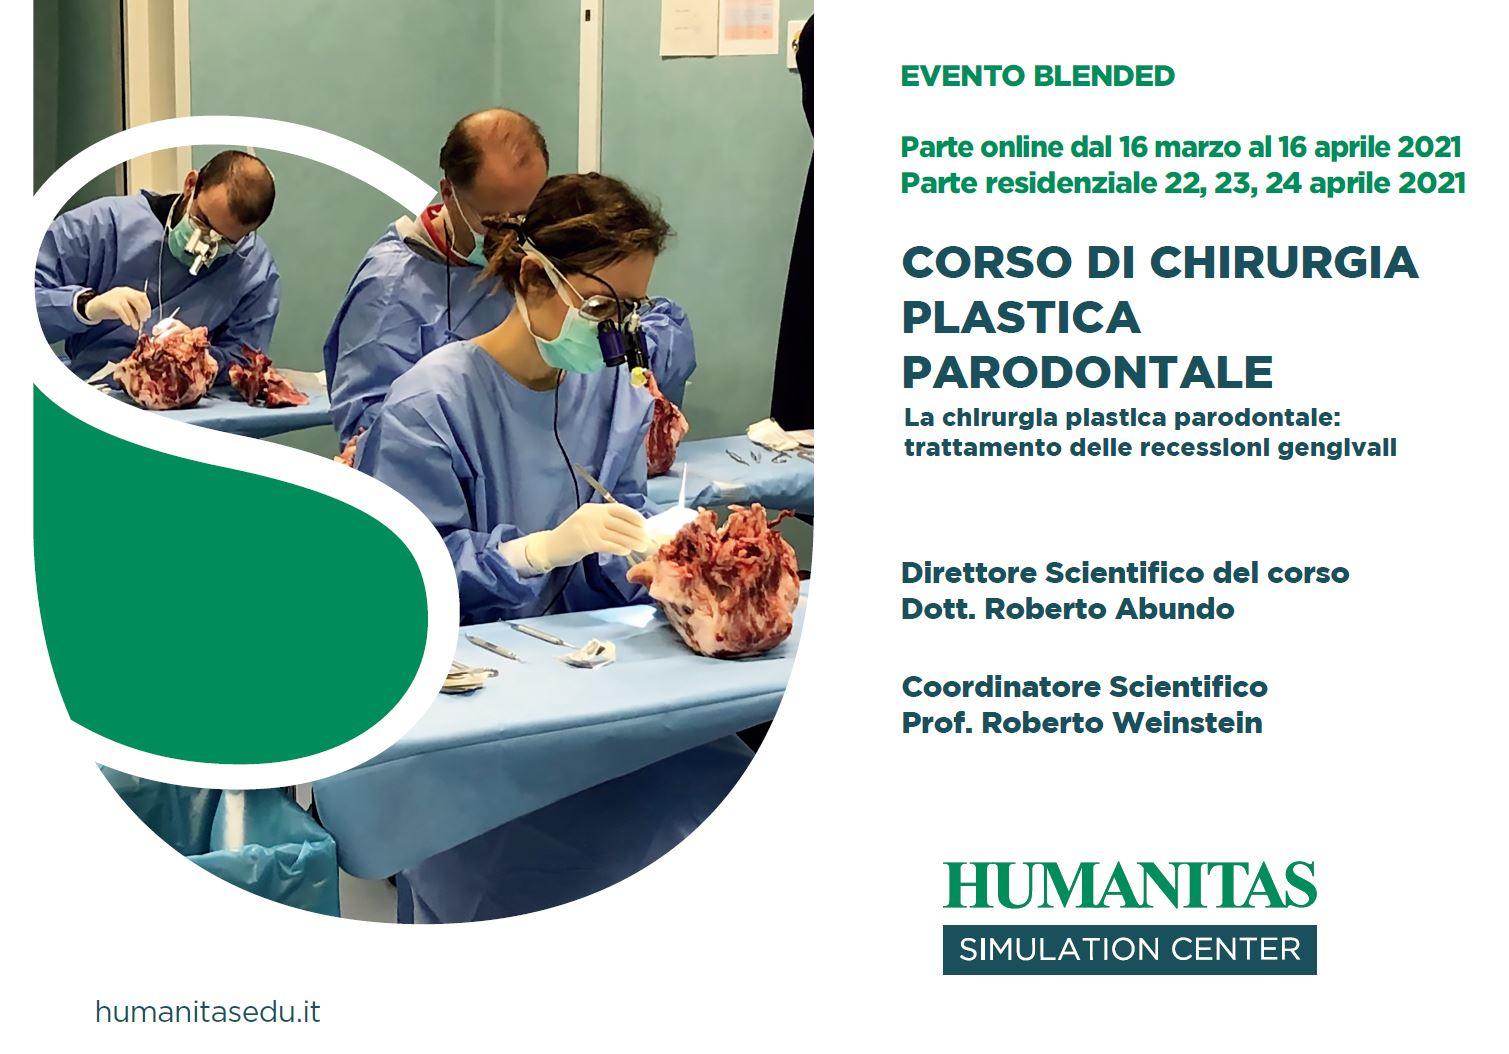 Corso di Chirurgia Plastica Parodontale: corso on-demand e pratico in presenza